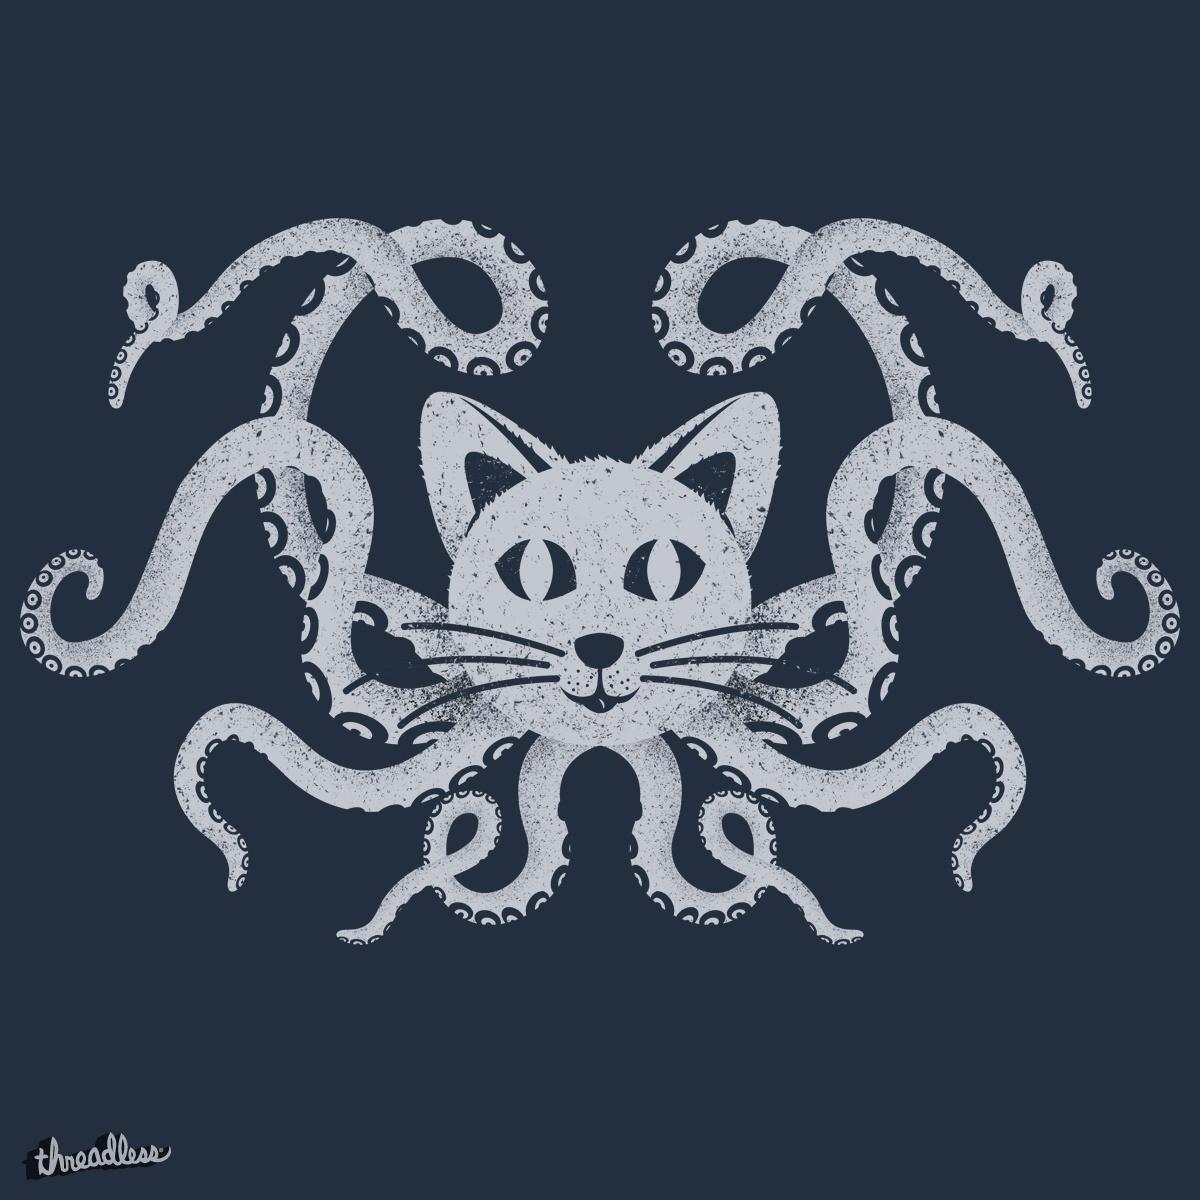 Octopuss by DeepSpaceTris on Threadless